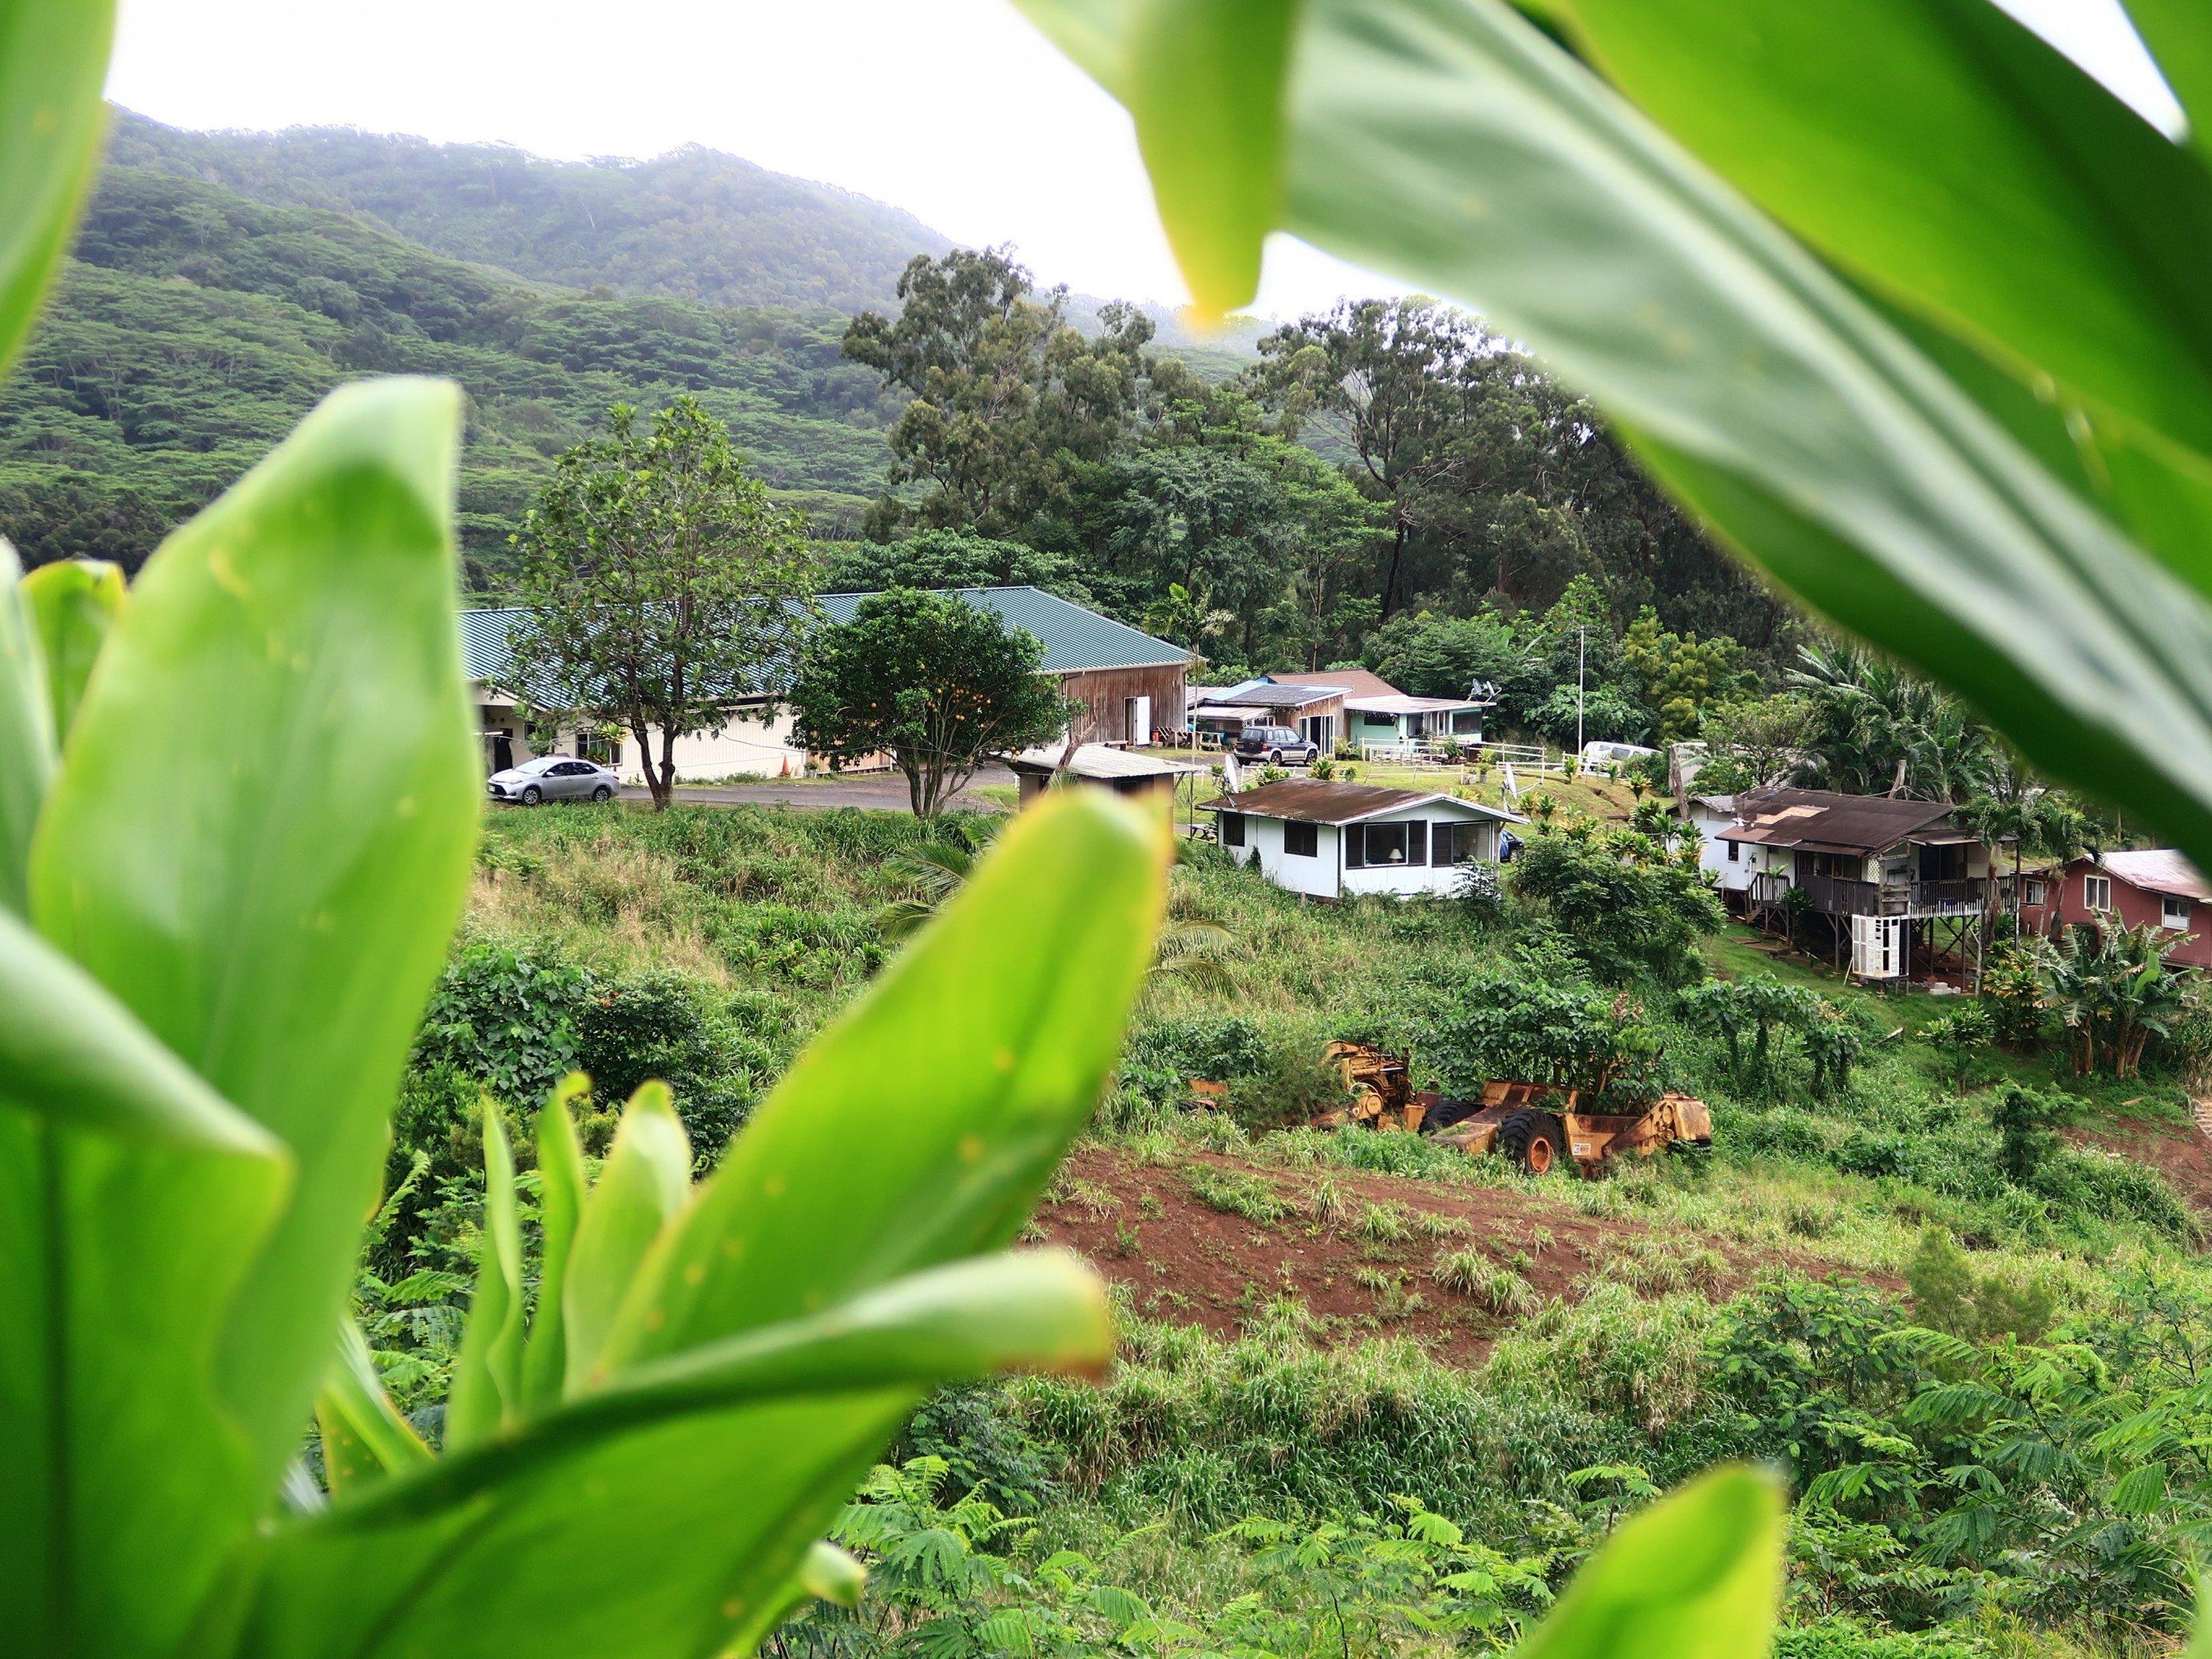 Blick auf Häuser in tropischer Landschaft